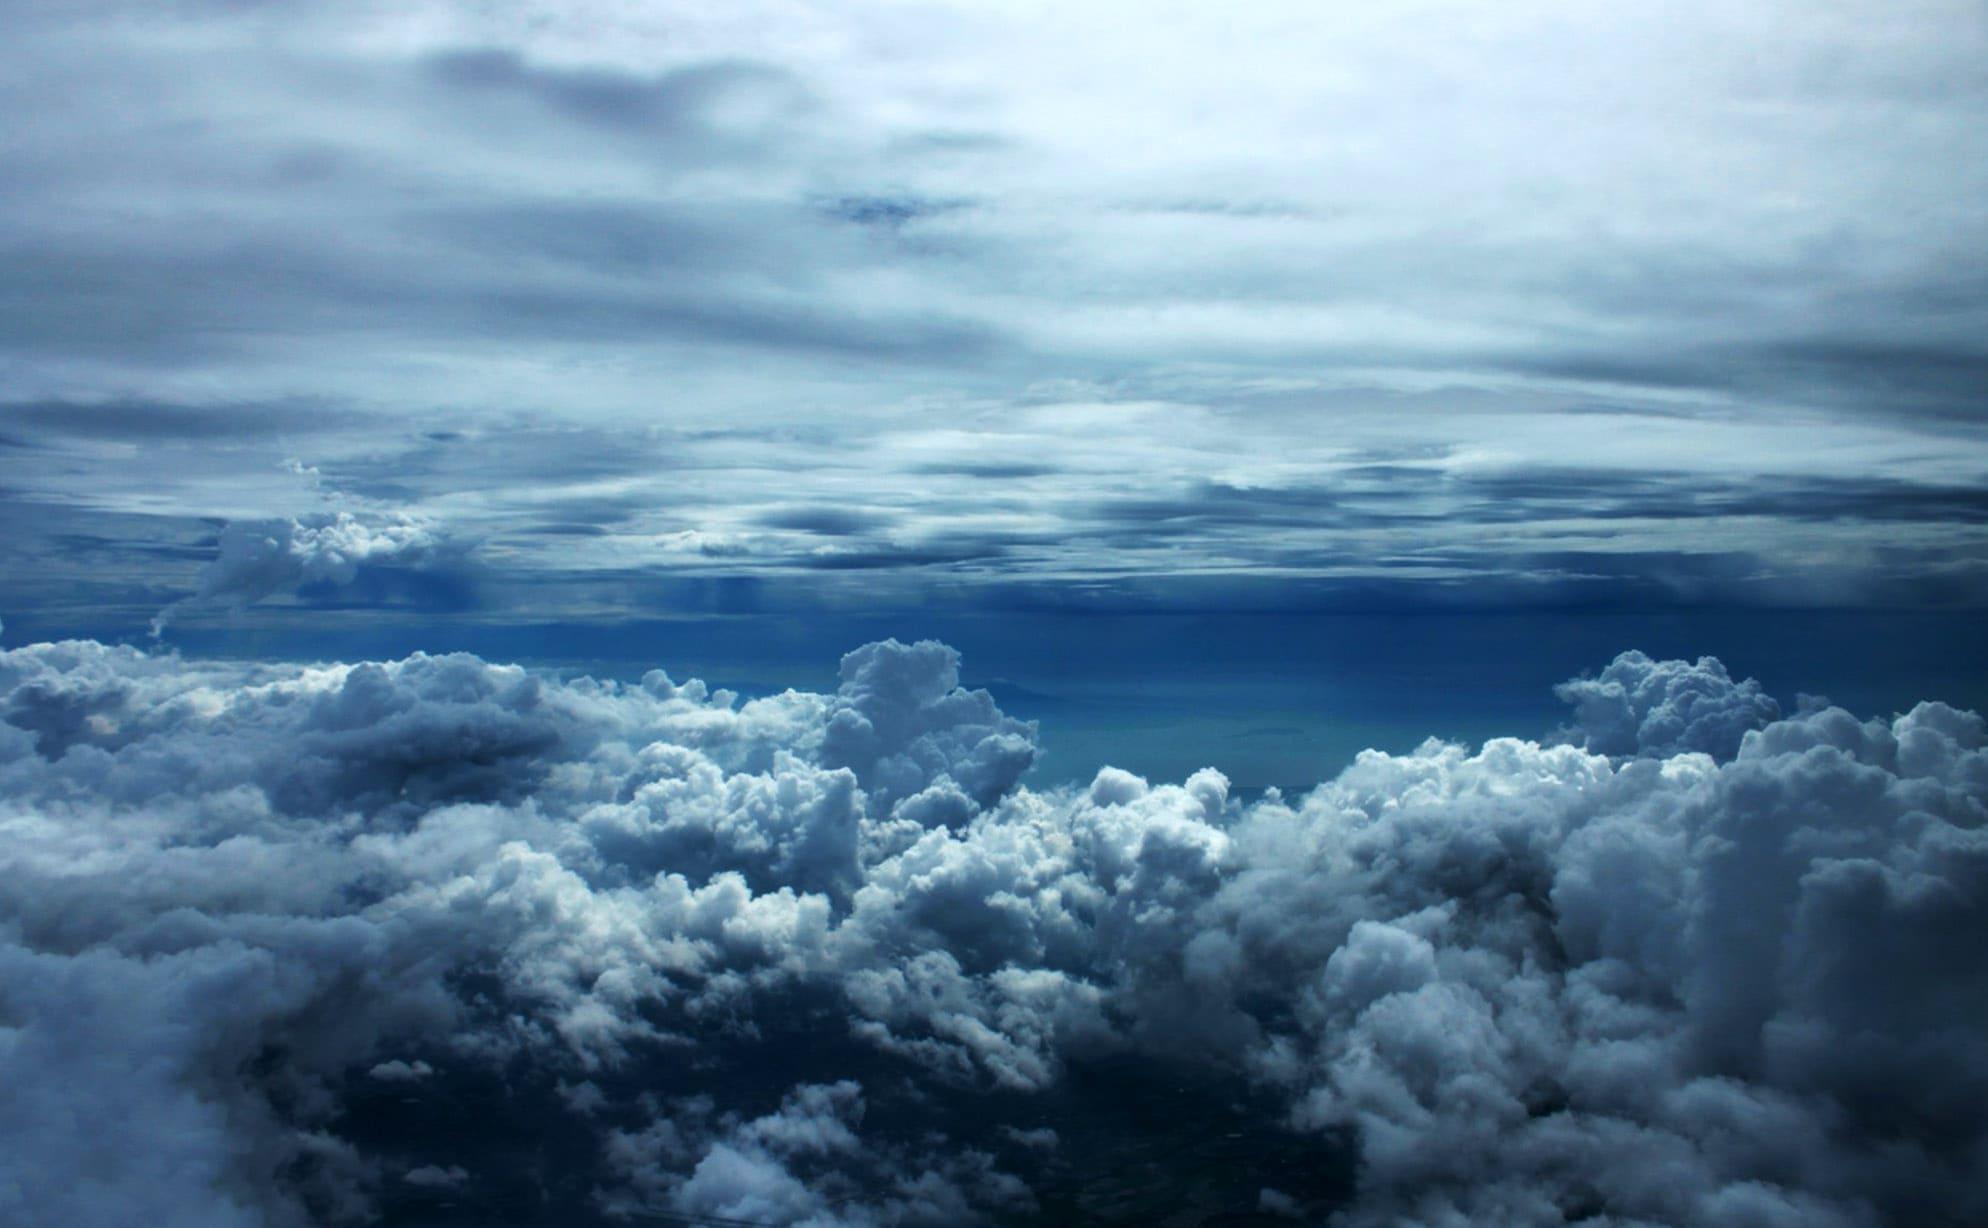 vista superior de una nube